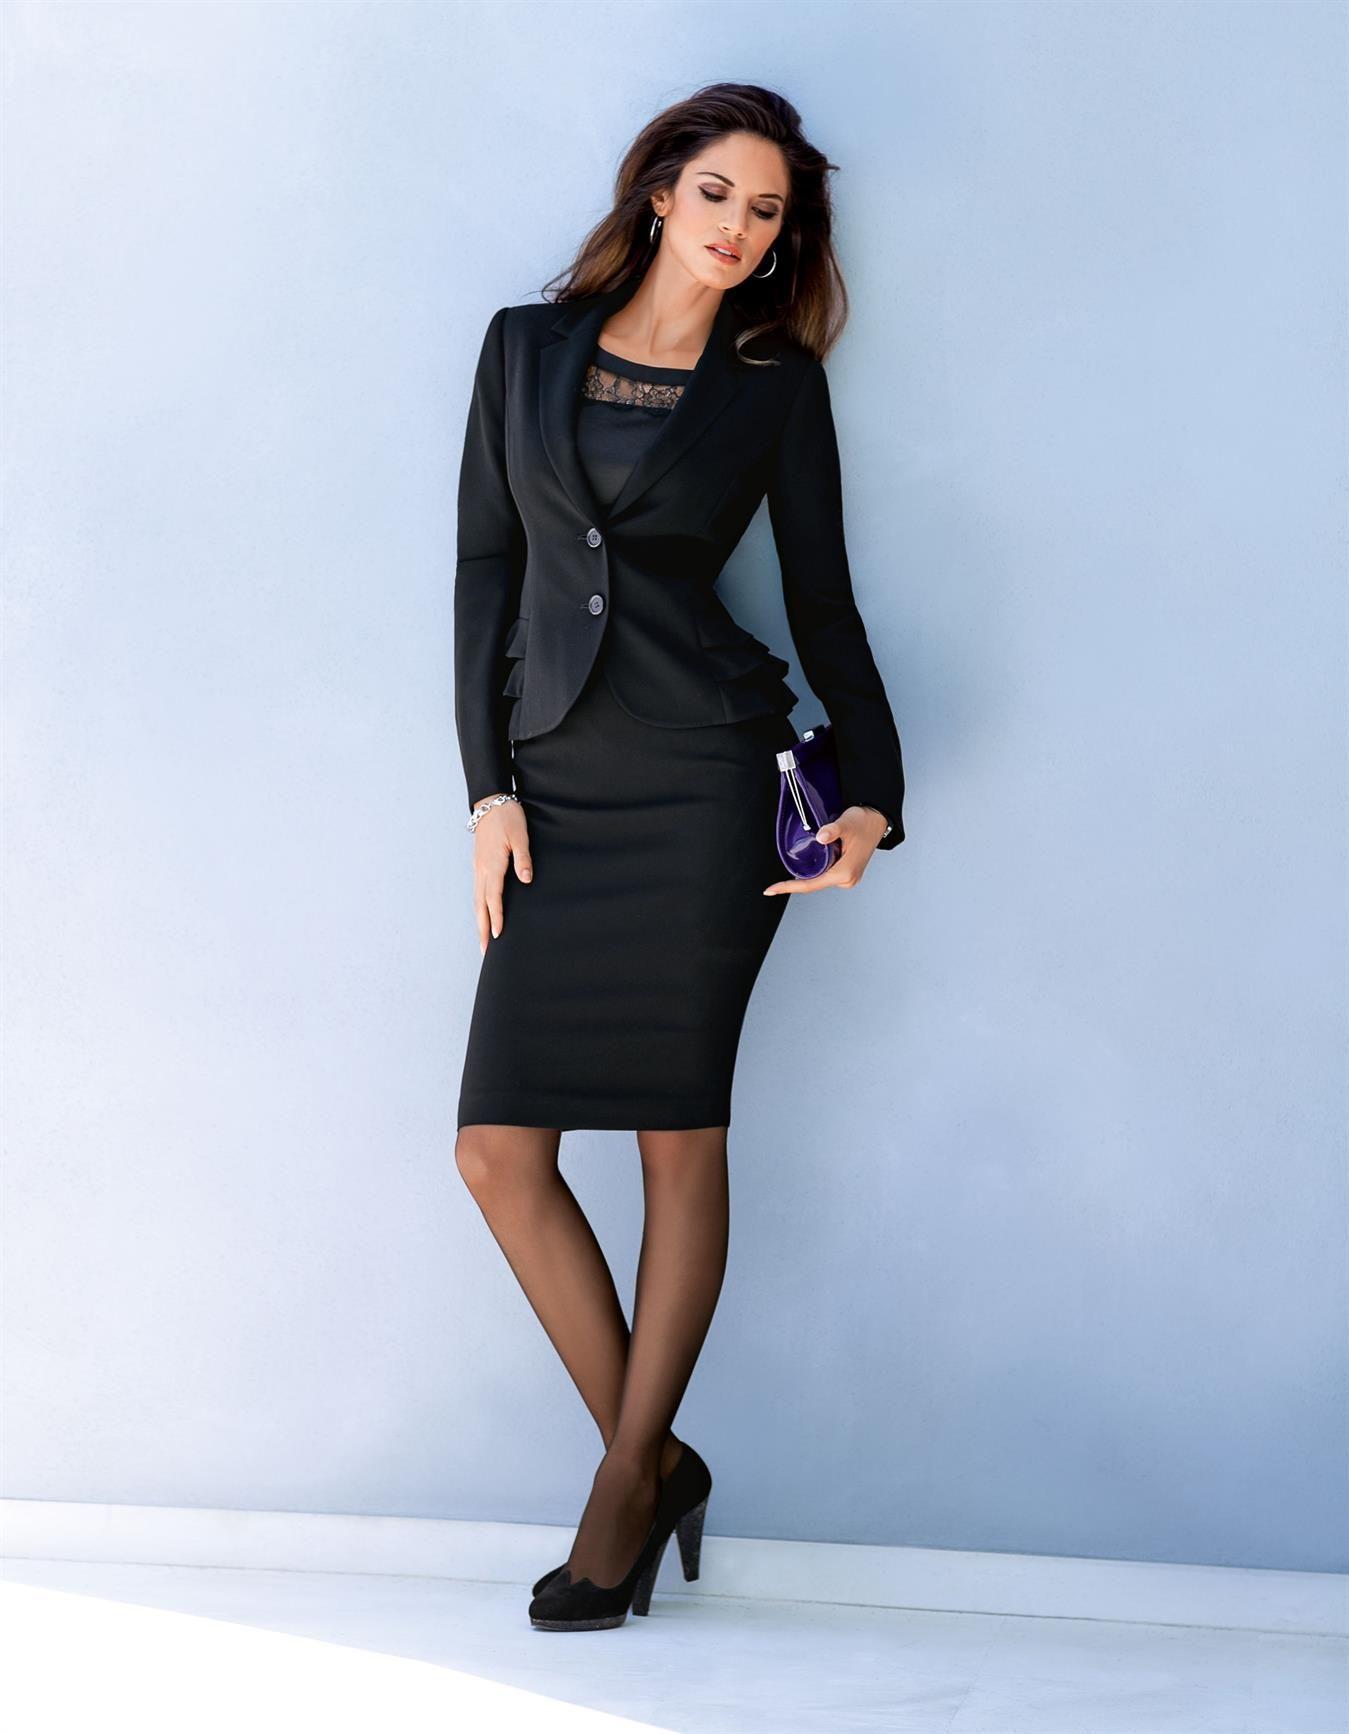 Kostüm mit Schößchen-Effekt in den Farben schwarz, lila - im ...